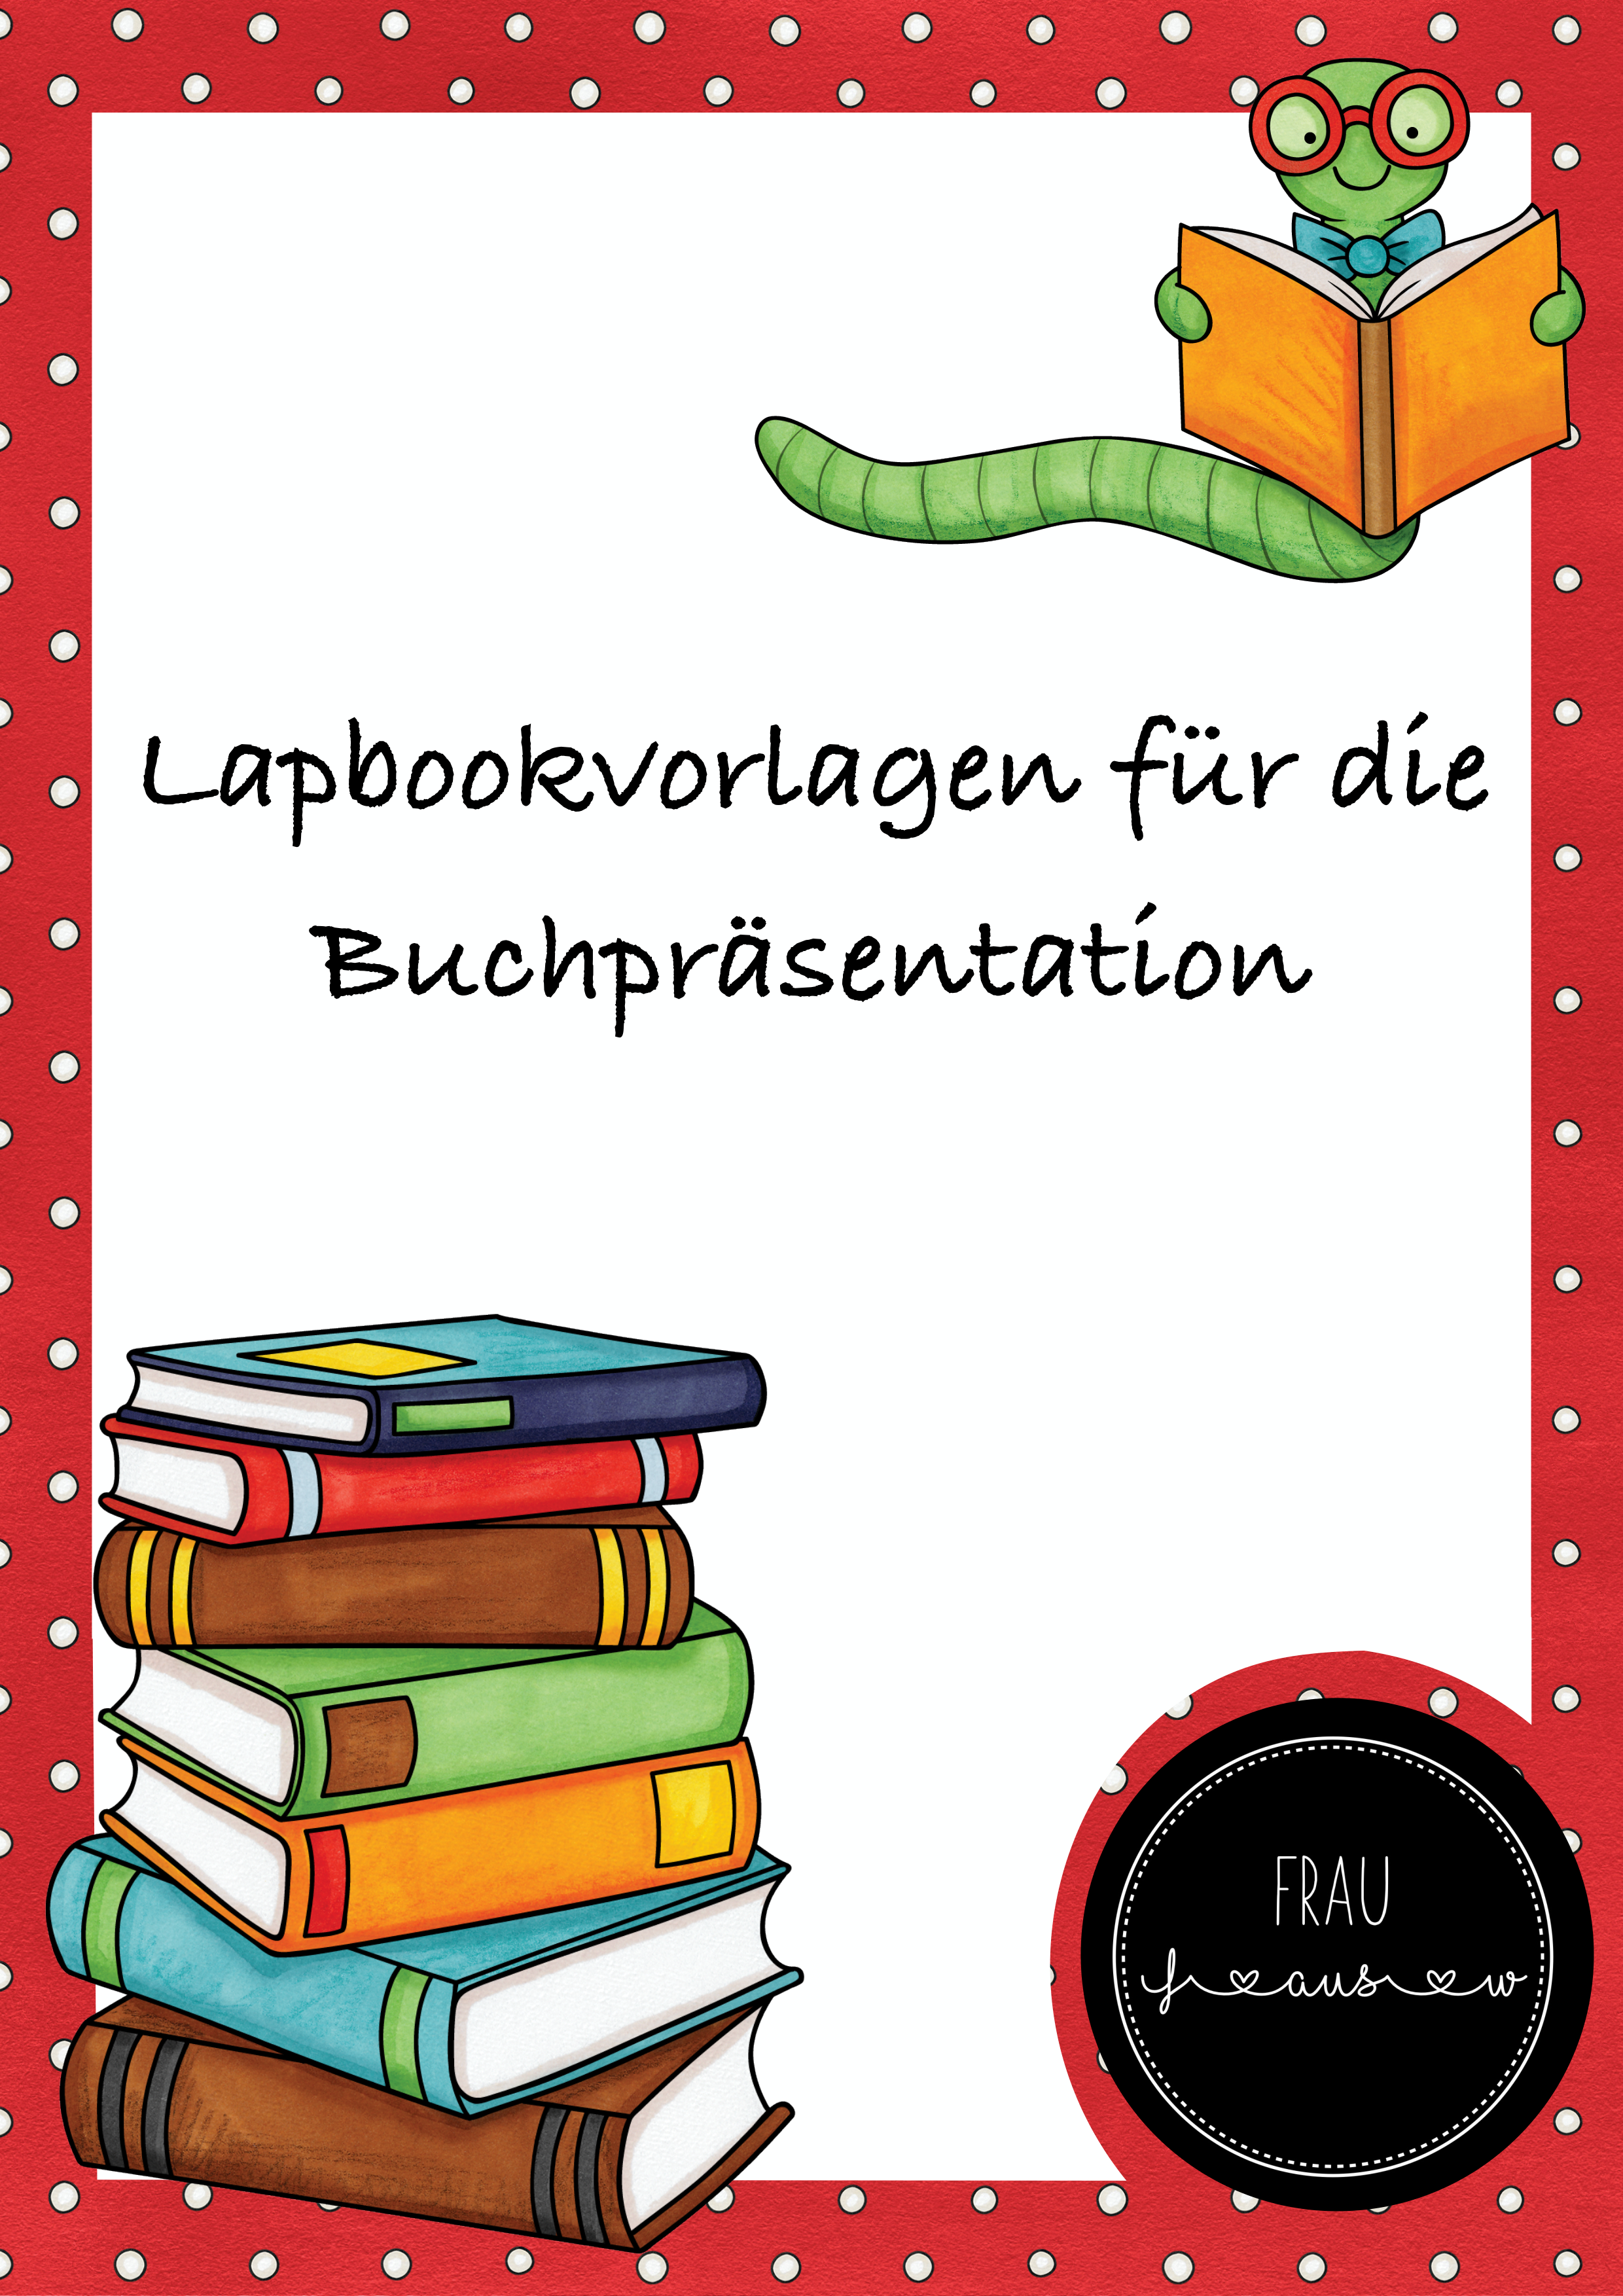 Lapbookvorlagen Fur Die Buchprasentation Unterrichtsmaterial In Den Fachern Deutsch Fachubergreifendes In 2020 Buchvorstellung Grundschule Bucher Buchvorstellung